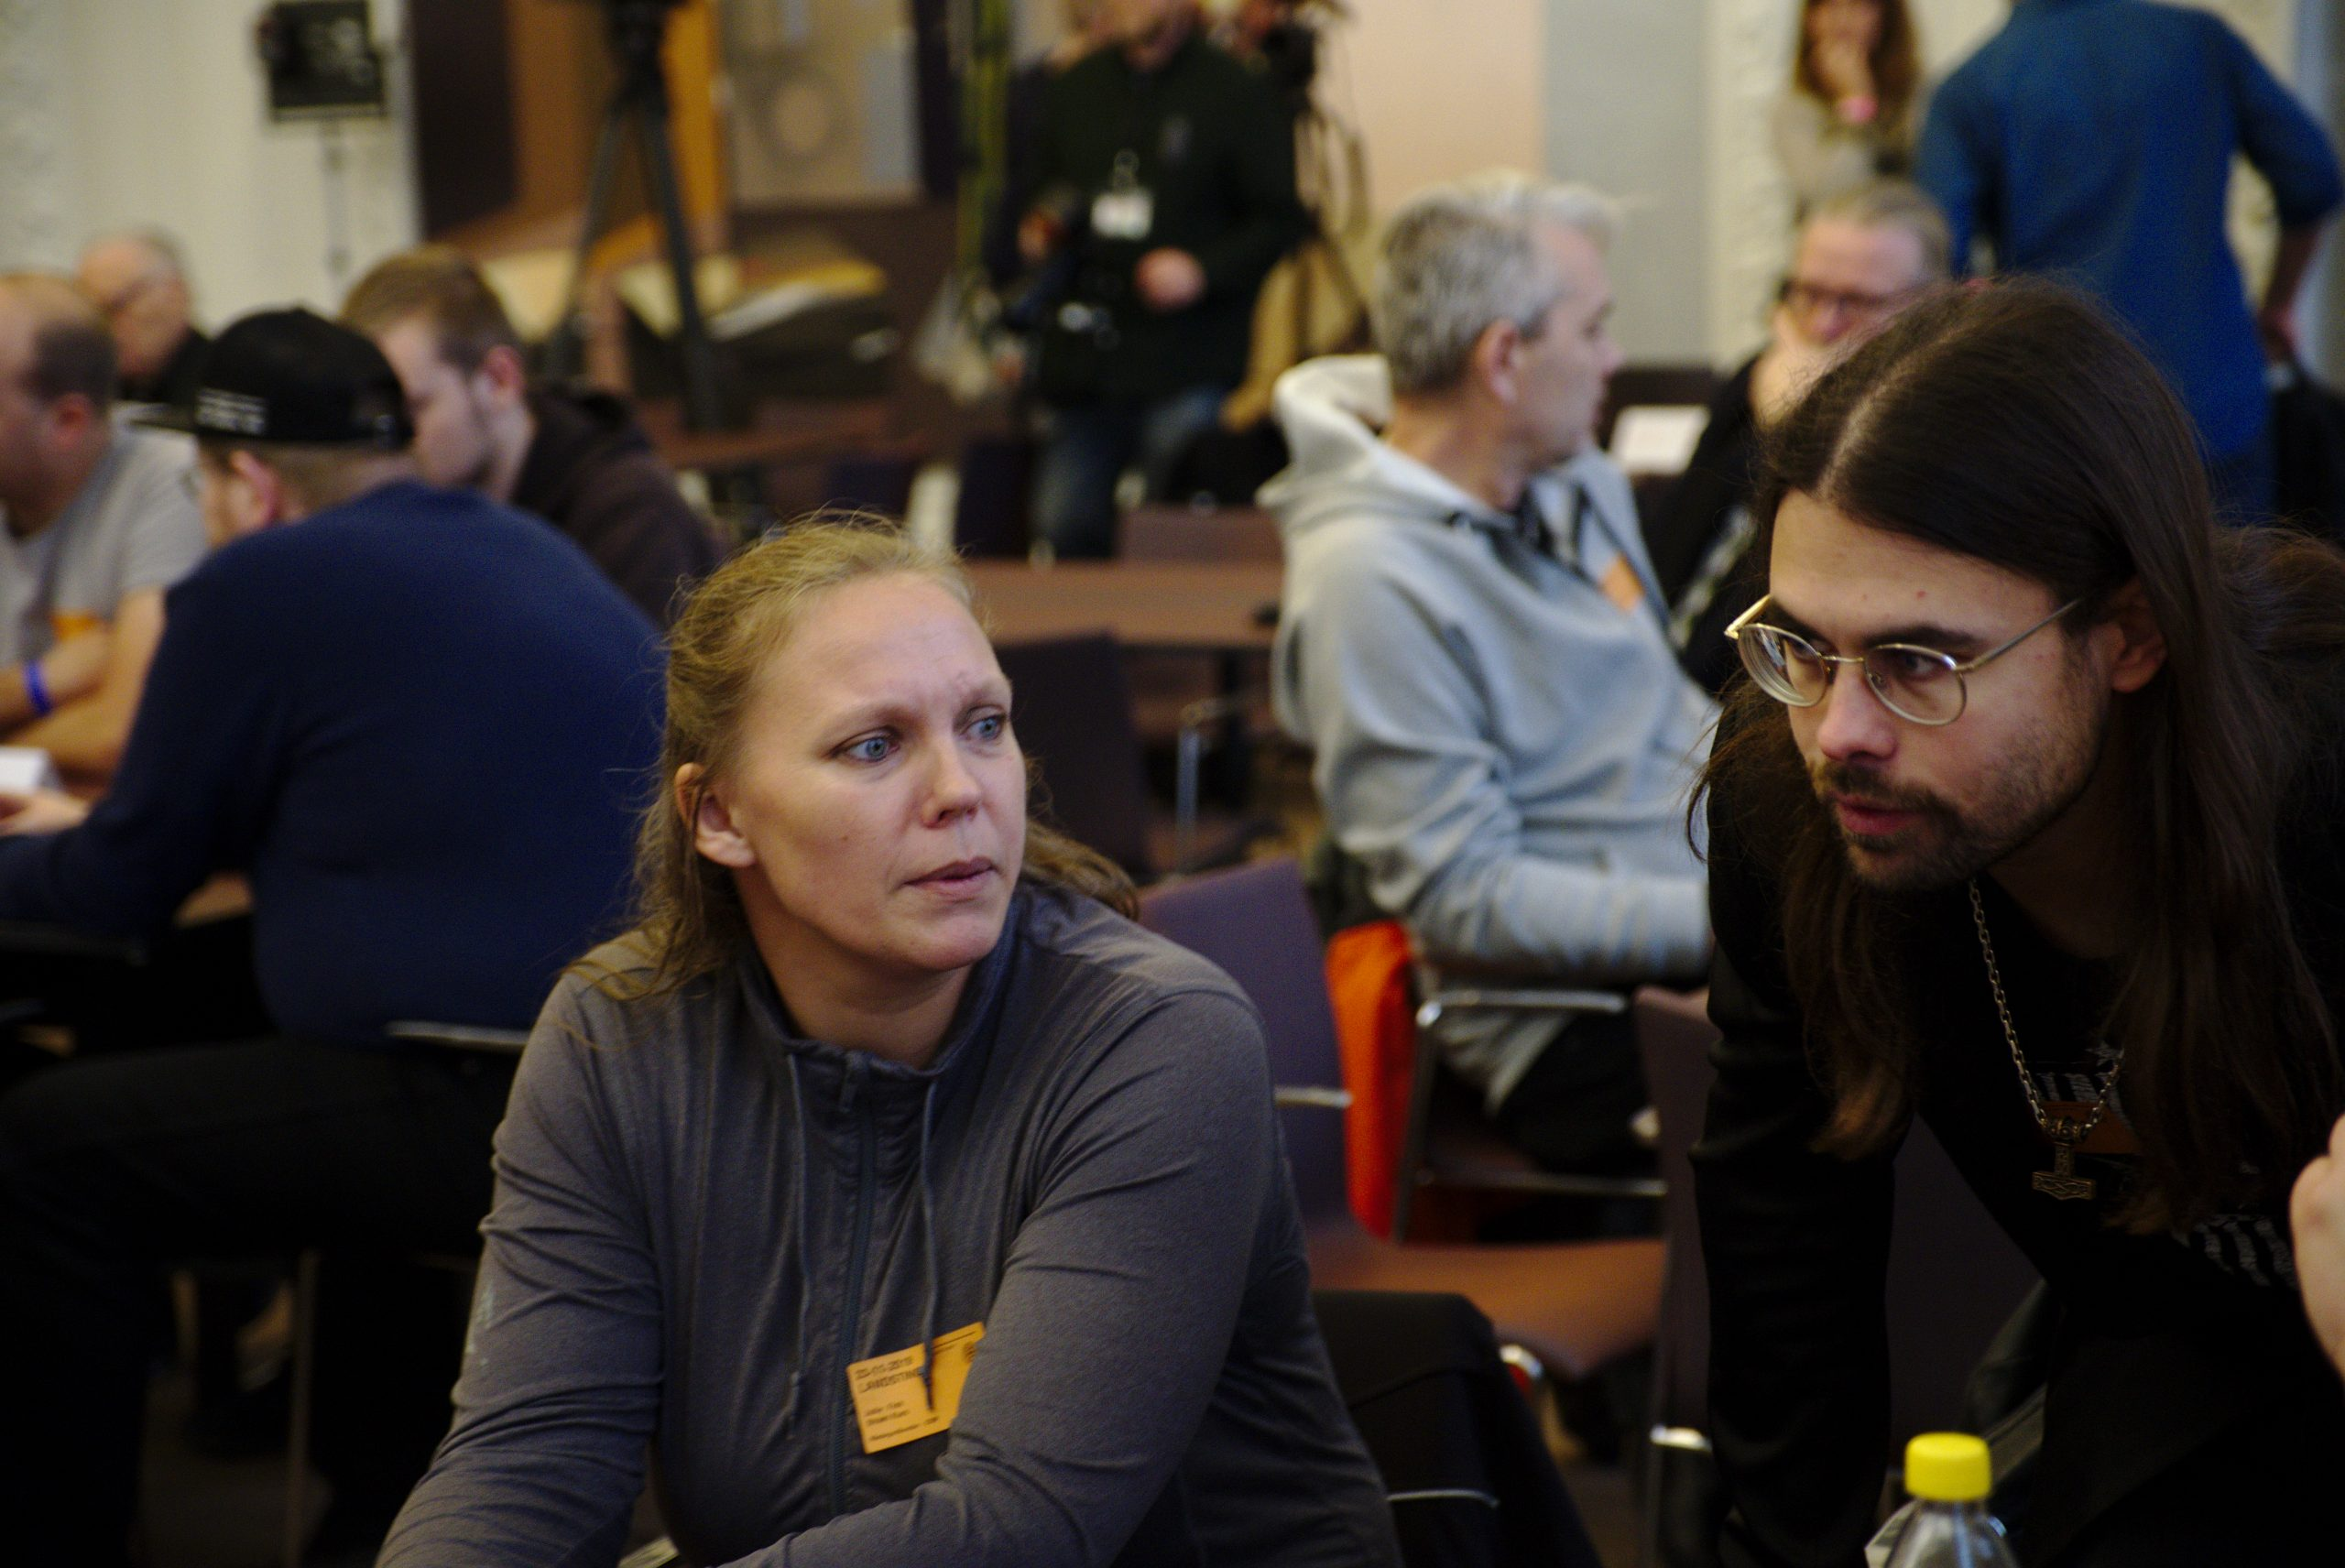 Harald Pedersen (langt hår og briller) under Stram Kurs' årsmøde. På den nazistiske organisation NMR's hjemmeside optræder han på foto sammen med den hærværkssigtede Jacob Vullum Andersen.